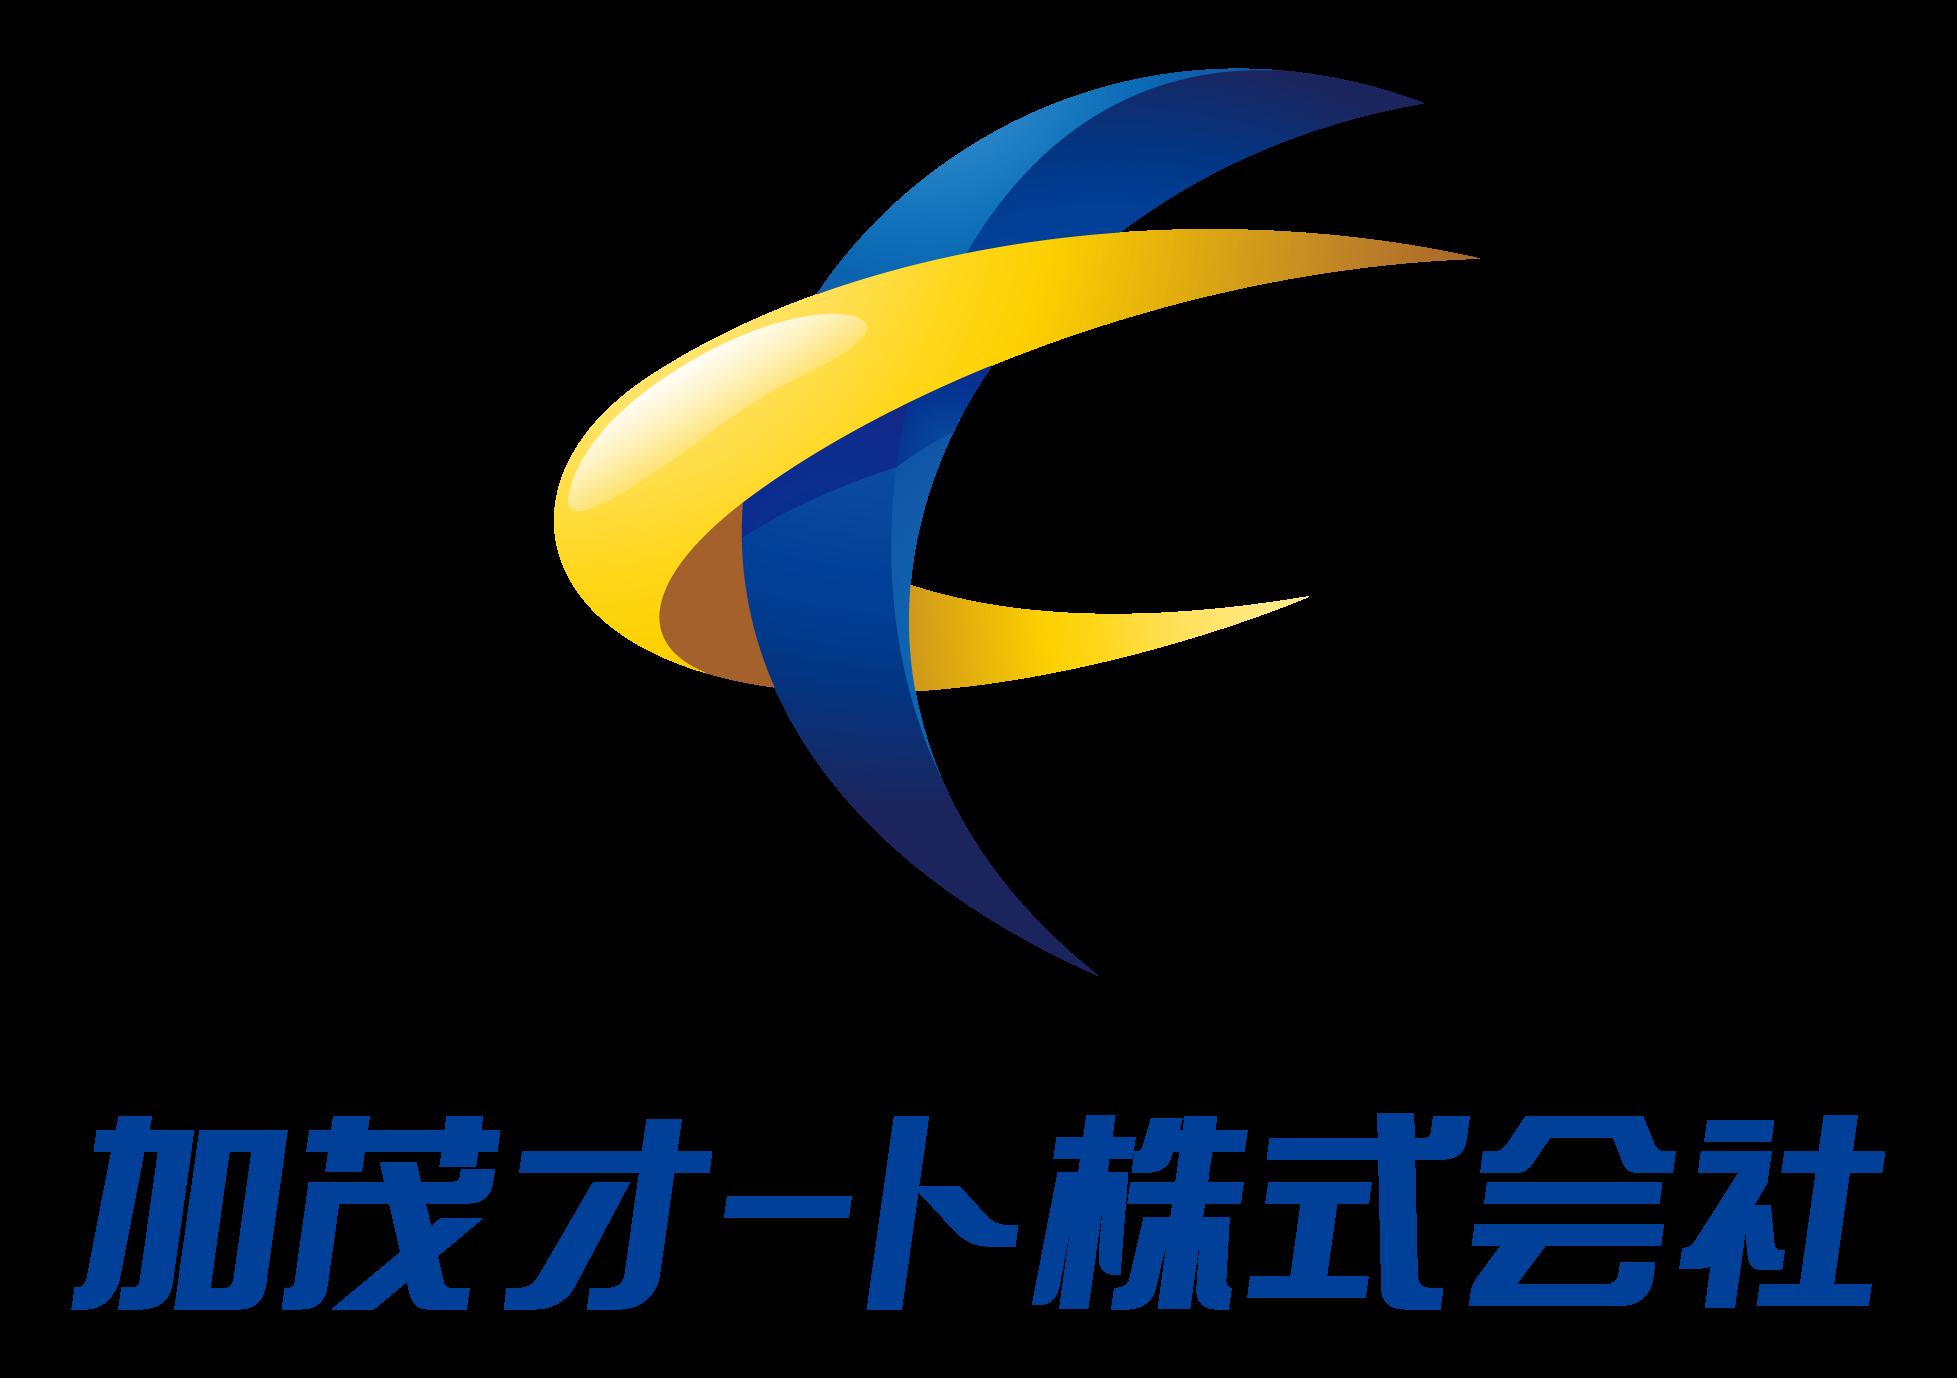 自動車関連(販売/修理・整備)と立体的と黄のロゴ